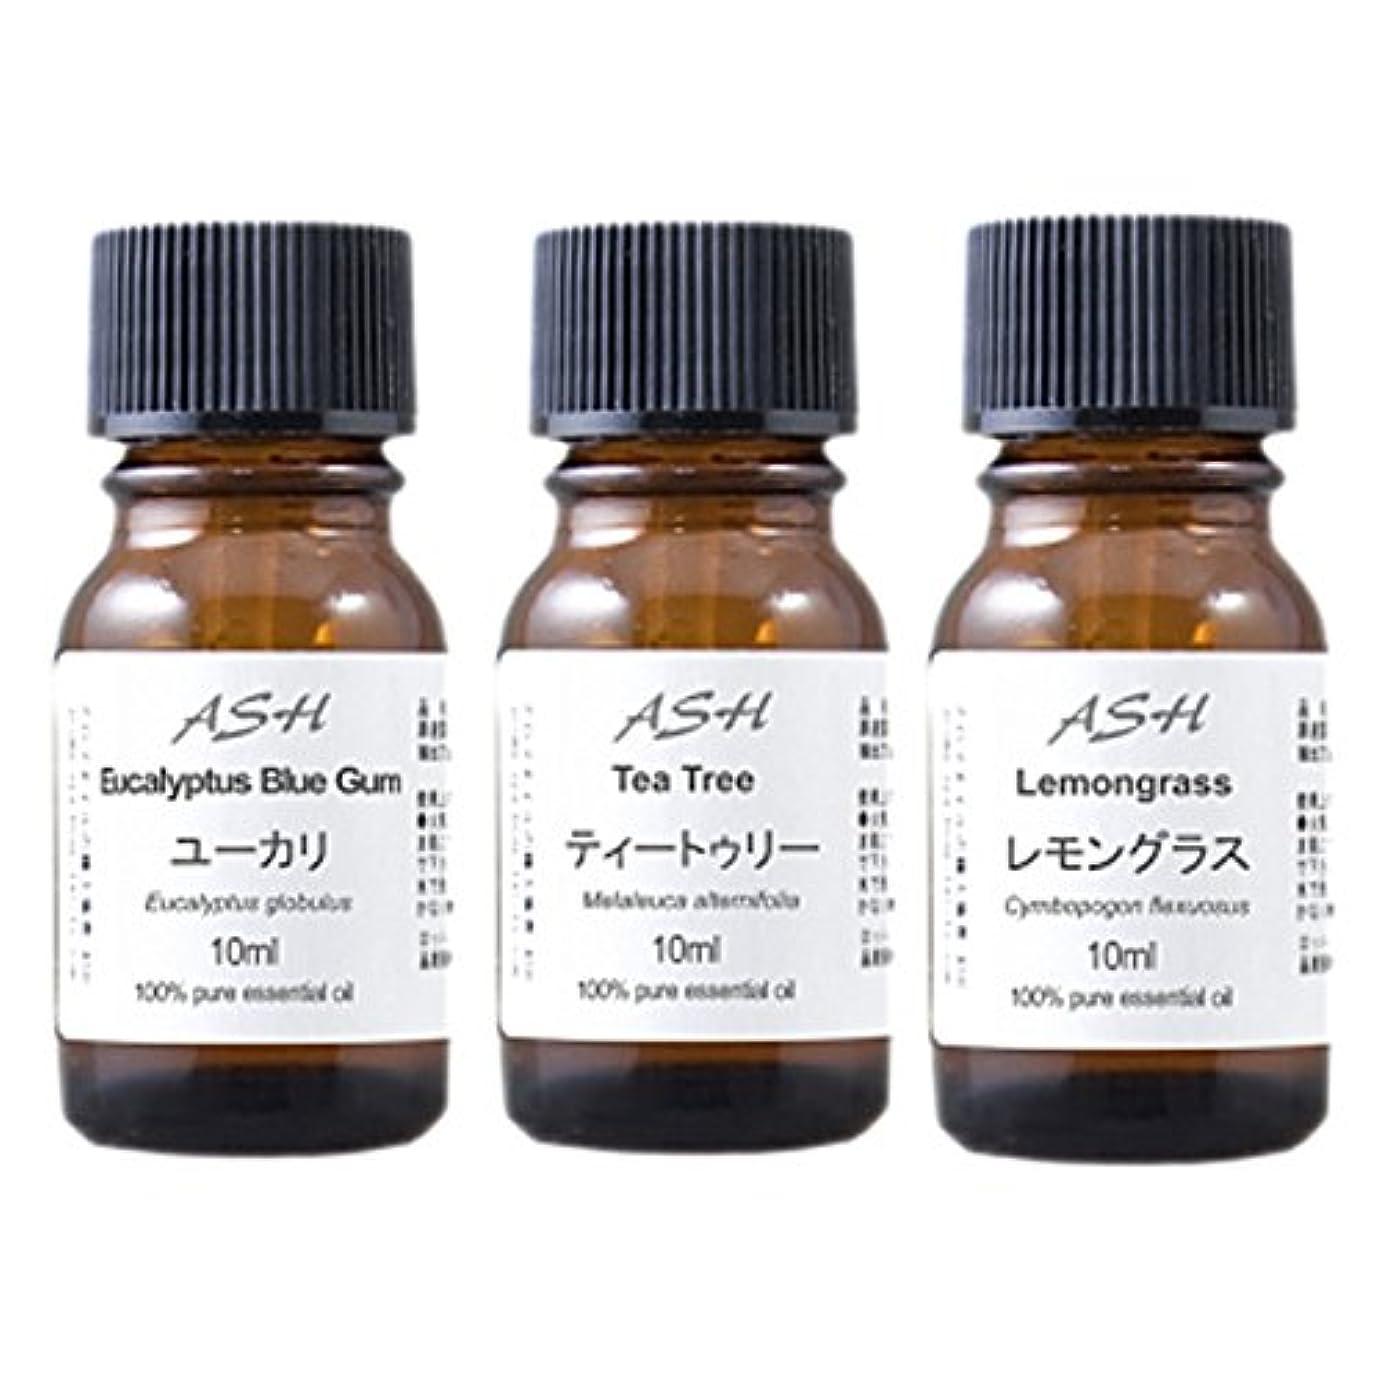 不定生き返らせる雨ASH エッセンシャルオイル 10mlx3本セット【アロマオイル 精油】(ハウスキーピンク)ティートゥリー(ティーツリー) ユーカリ レモングラス AEAJ表示基準適合認定精油